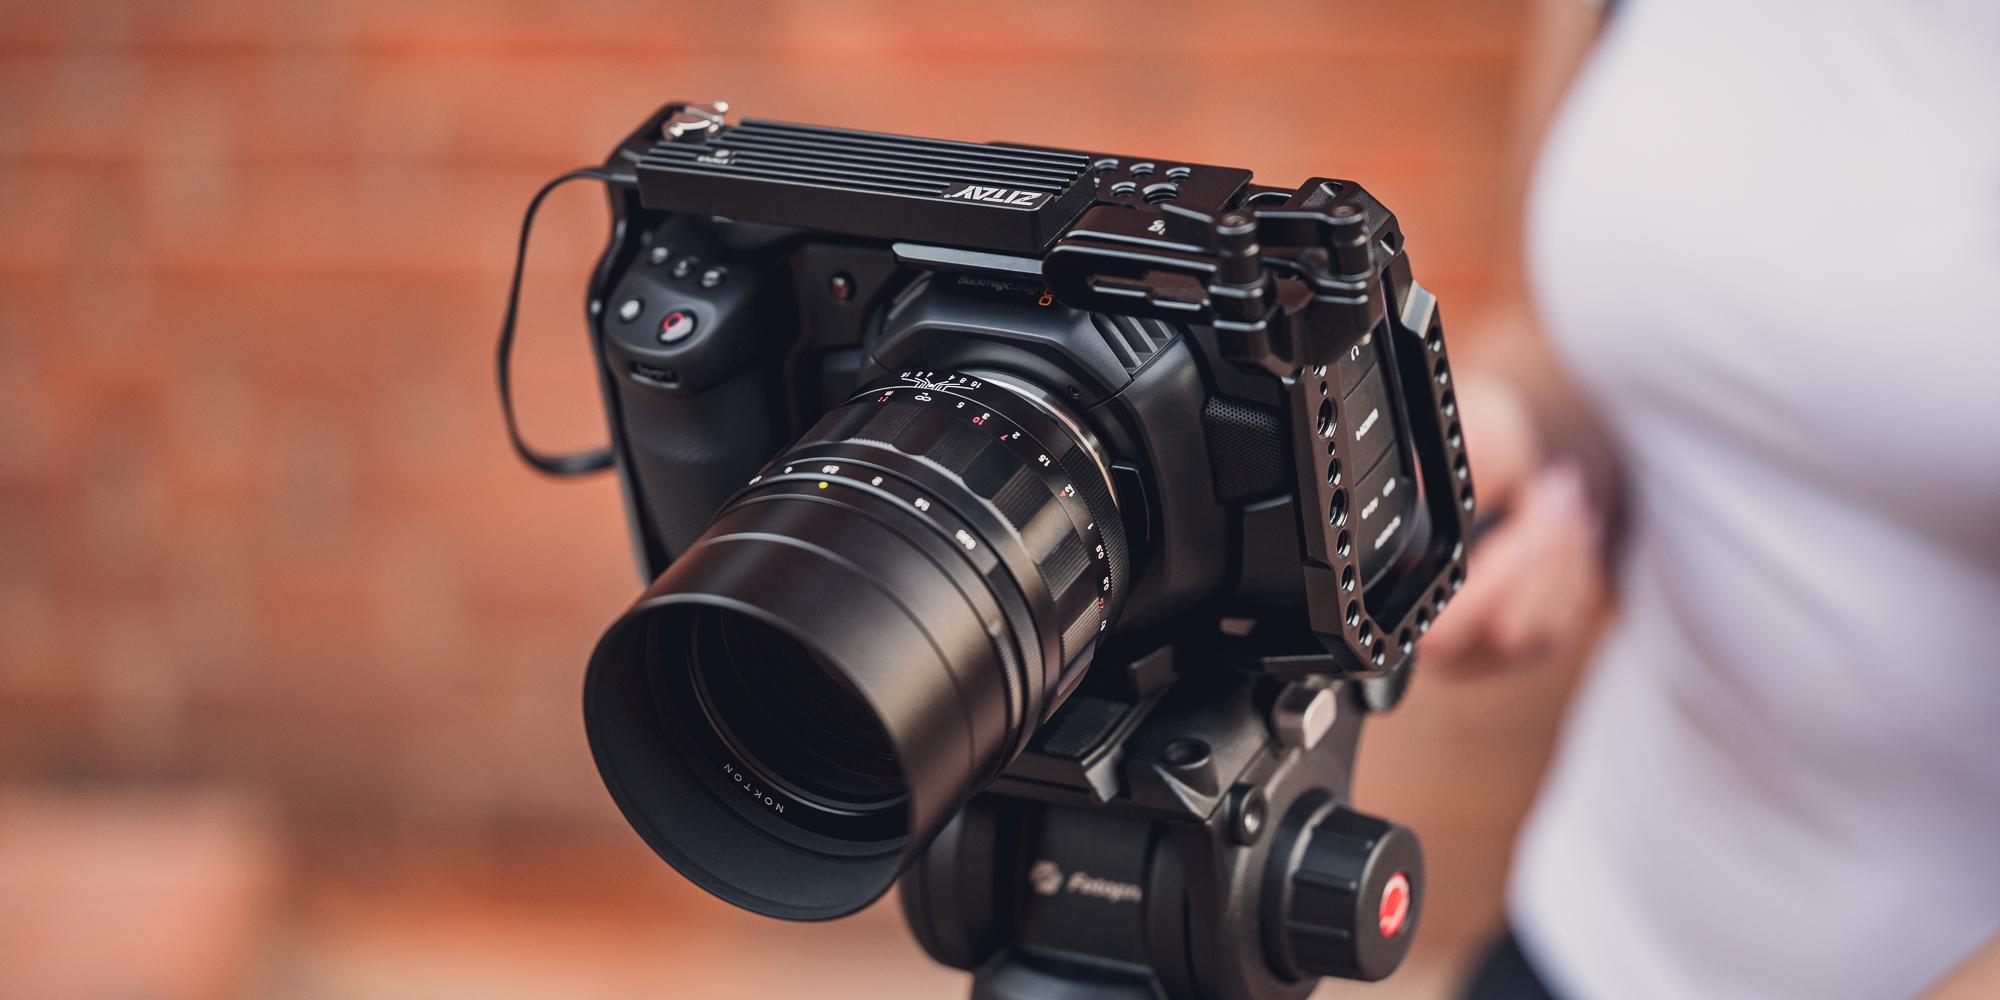 Adapter karty pamięci Zitay CS-302 - CFast 2.0 / M.2 SATA SSD - Nowa przestrzeń na materiały video